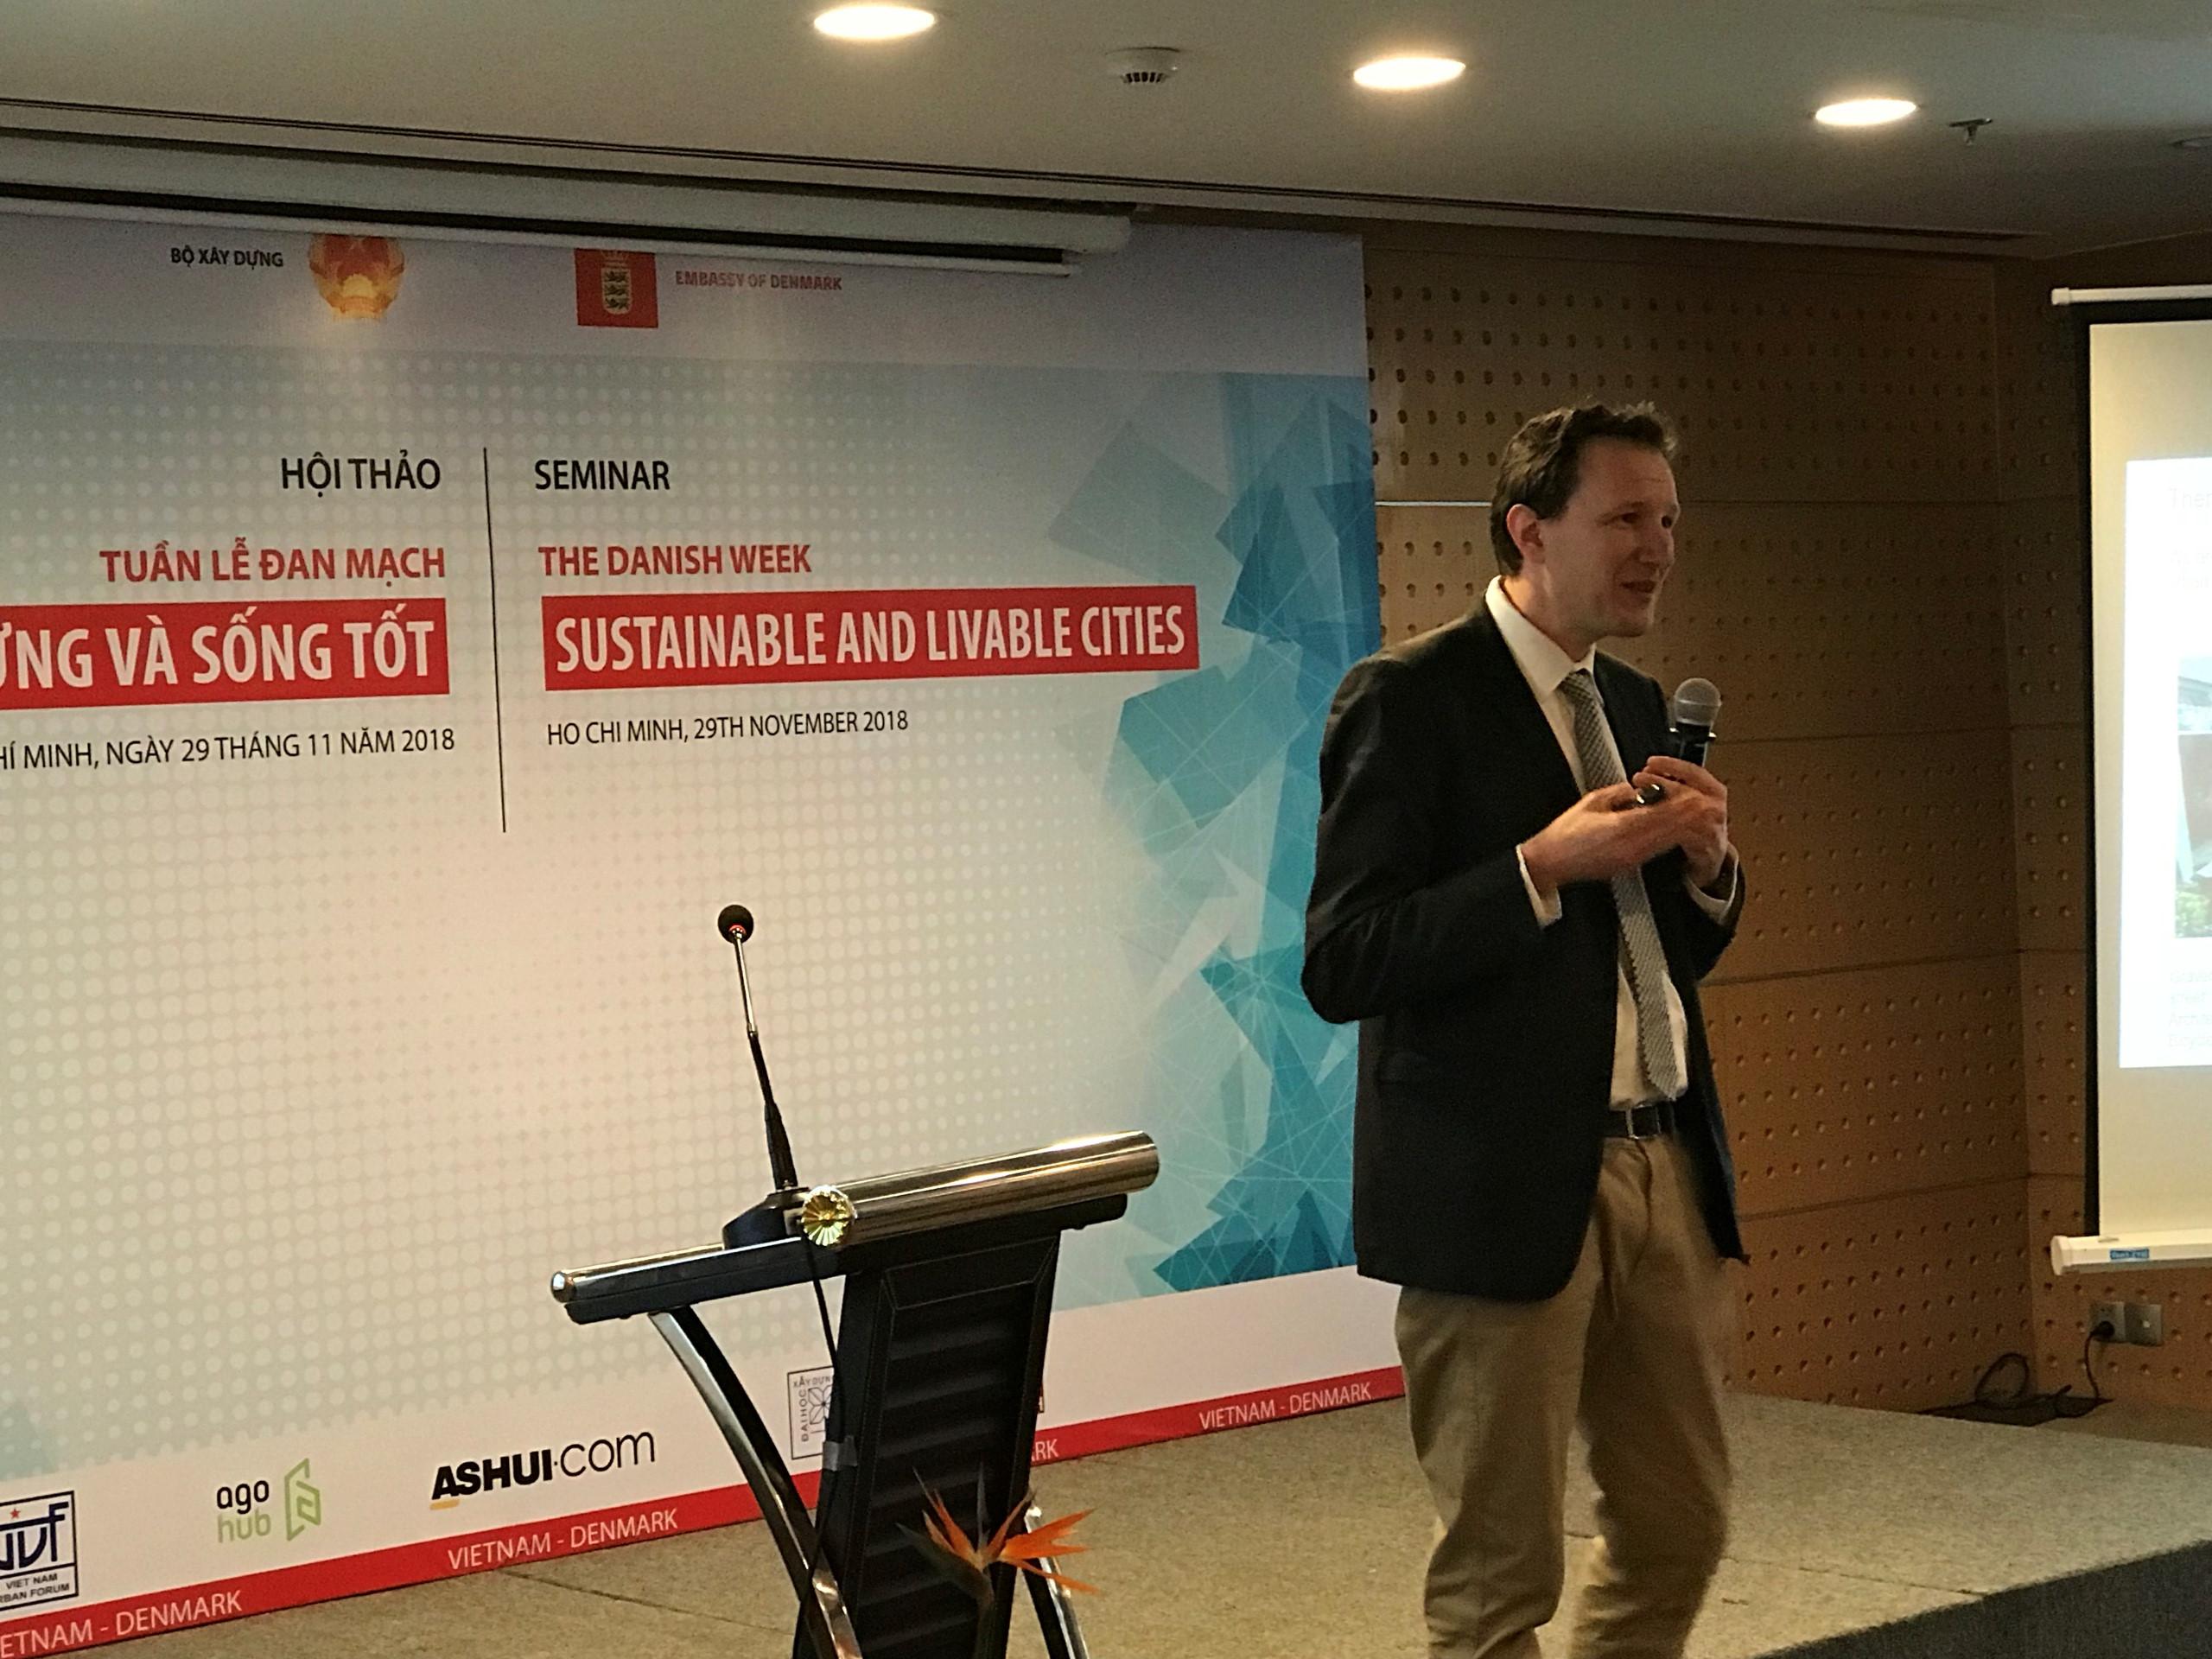 3 điều giáo sư Đan Mạch đề xuất cho TP.HCM để xây đô thị bền vững Ảnh 2